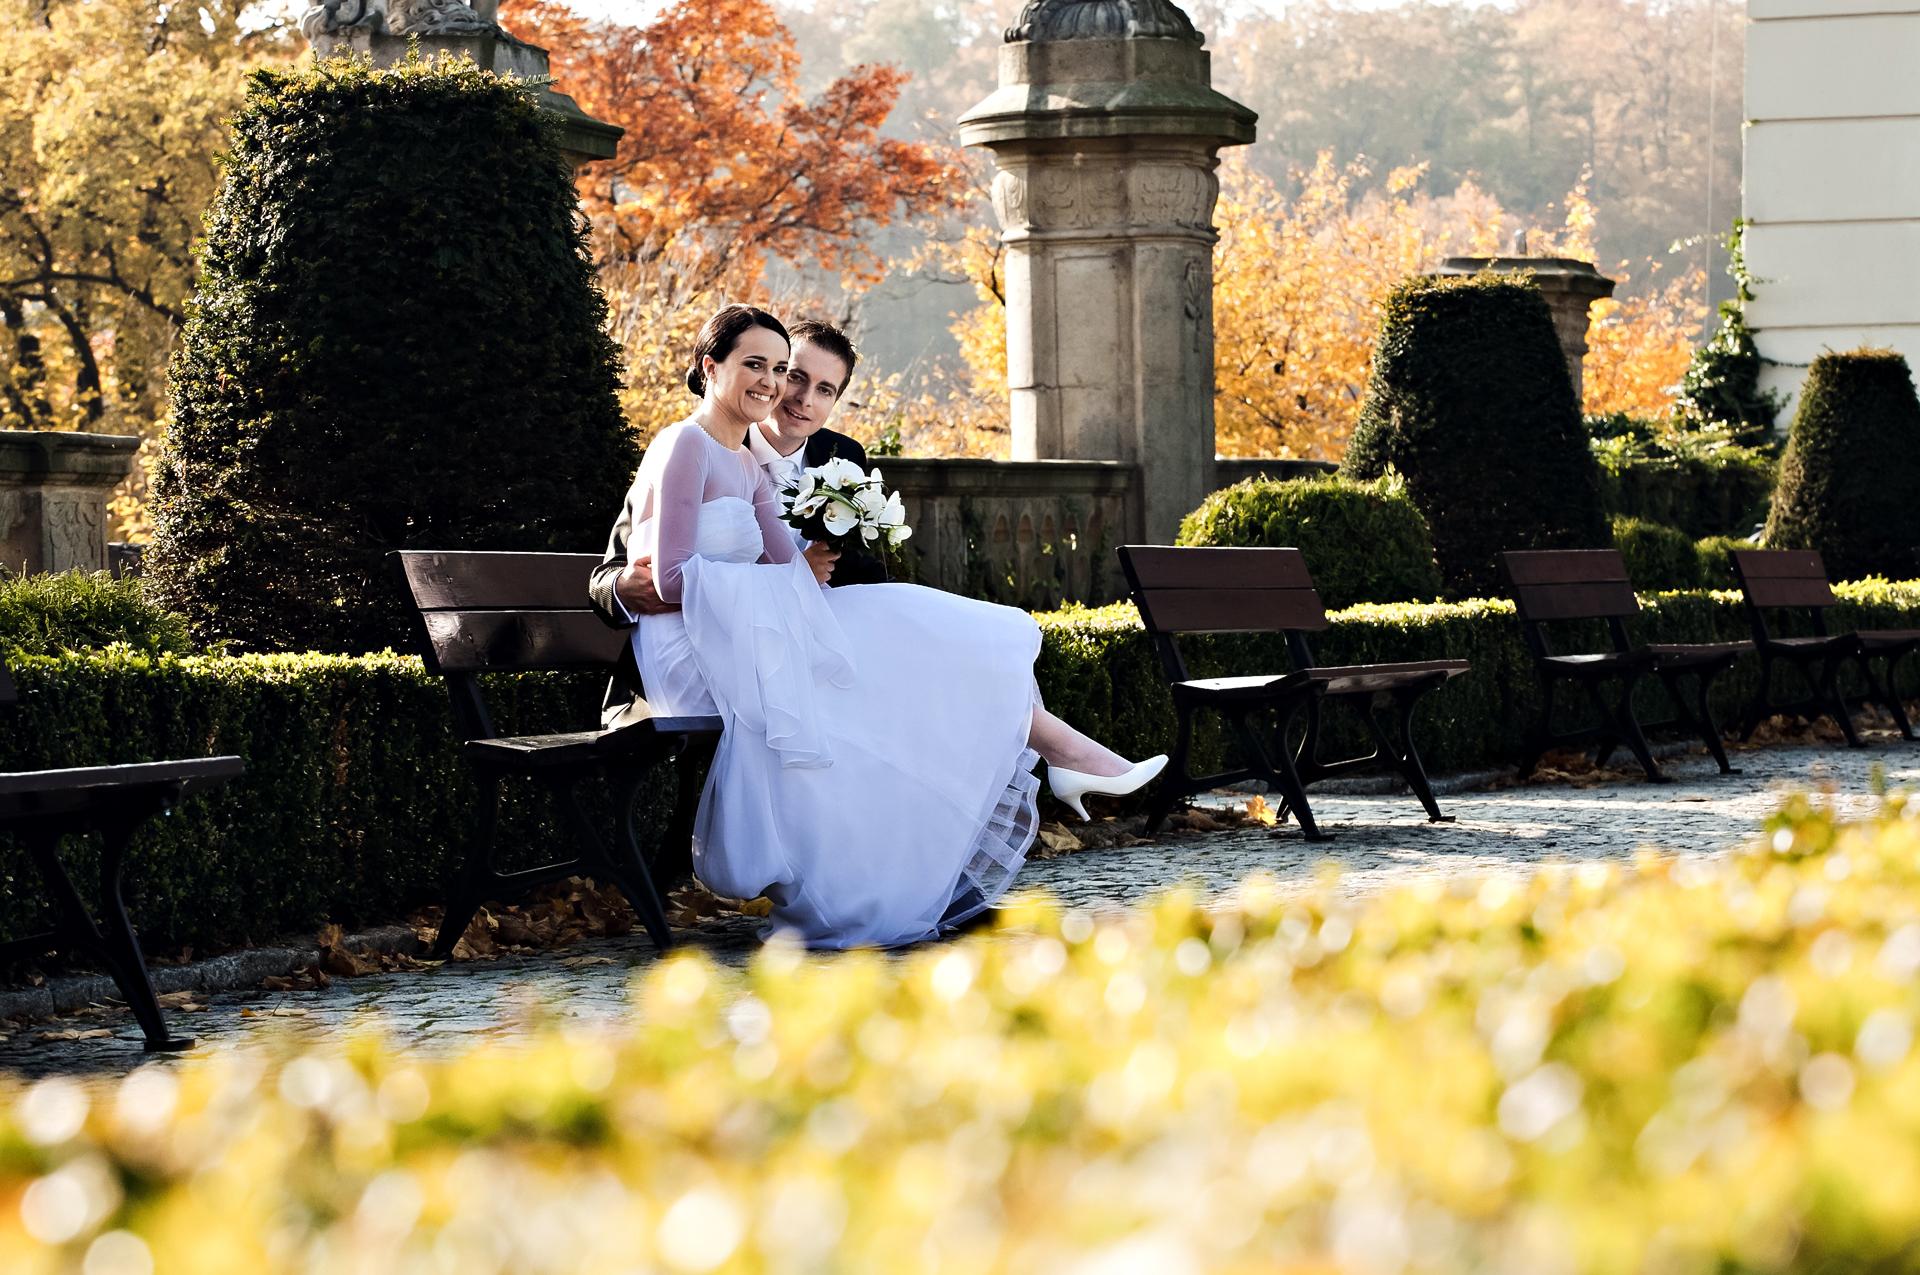 fotograf wałbrzych 5 Plener Oli & Olafa w Zamek Książ